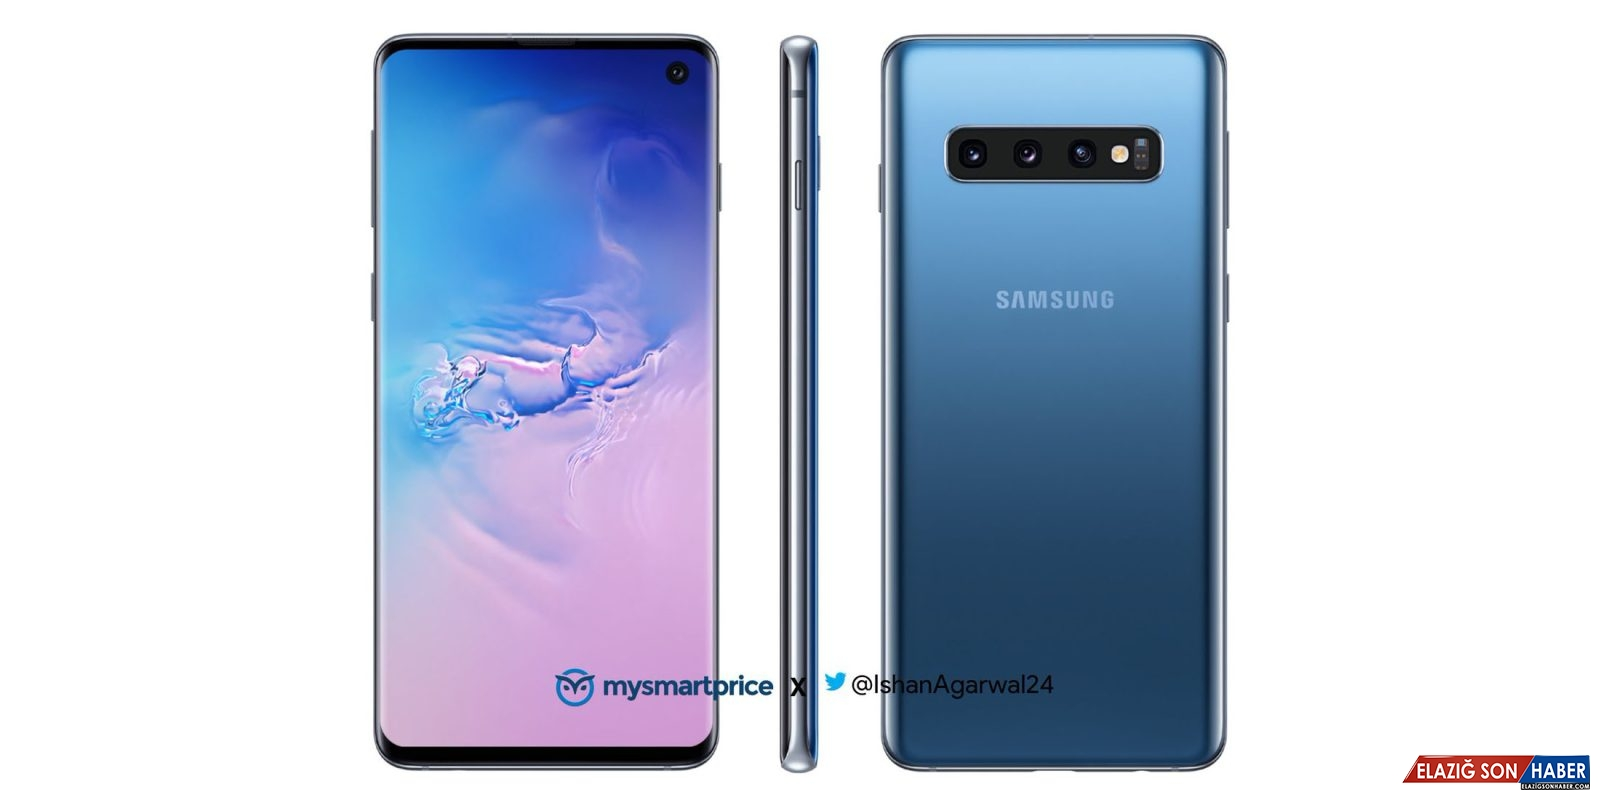 Samsung Heyecan Yaptı: Galaxy S10 Reklamı TV'de Yayınlandı